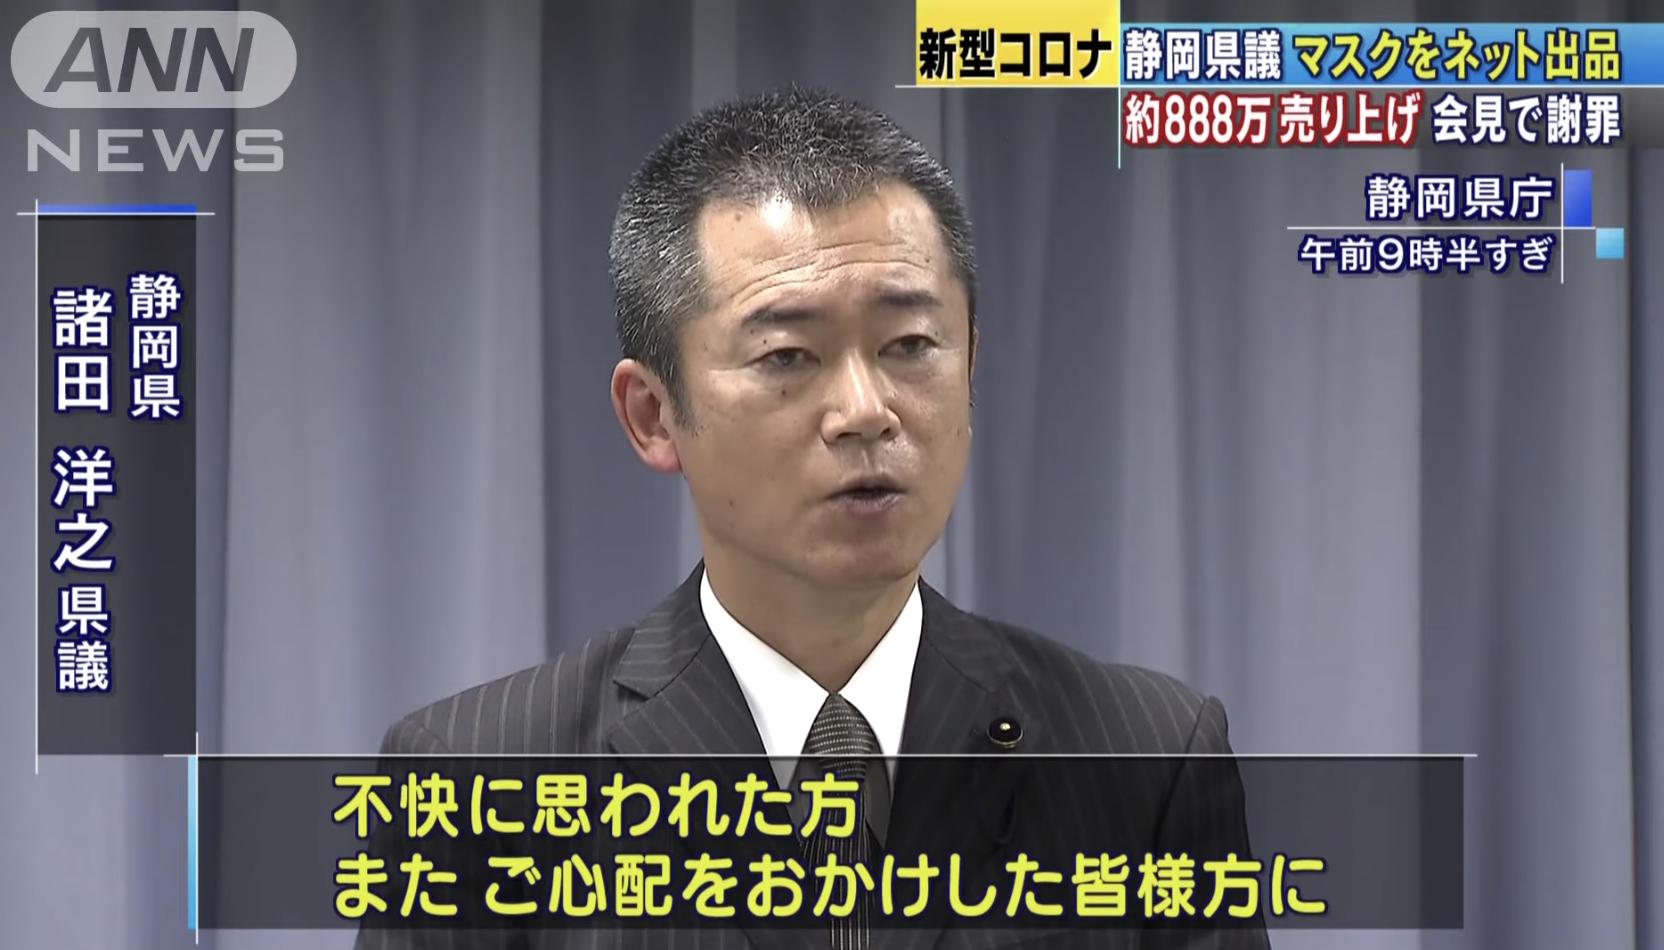 日本一議員高價出售口罩,共獲取888萬日圓收入,最高的一次拍賣中,2000隻醫療用口罩的出售價為17萬2000日圓。(視頻截圖)